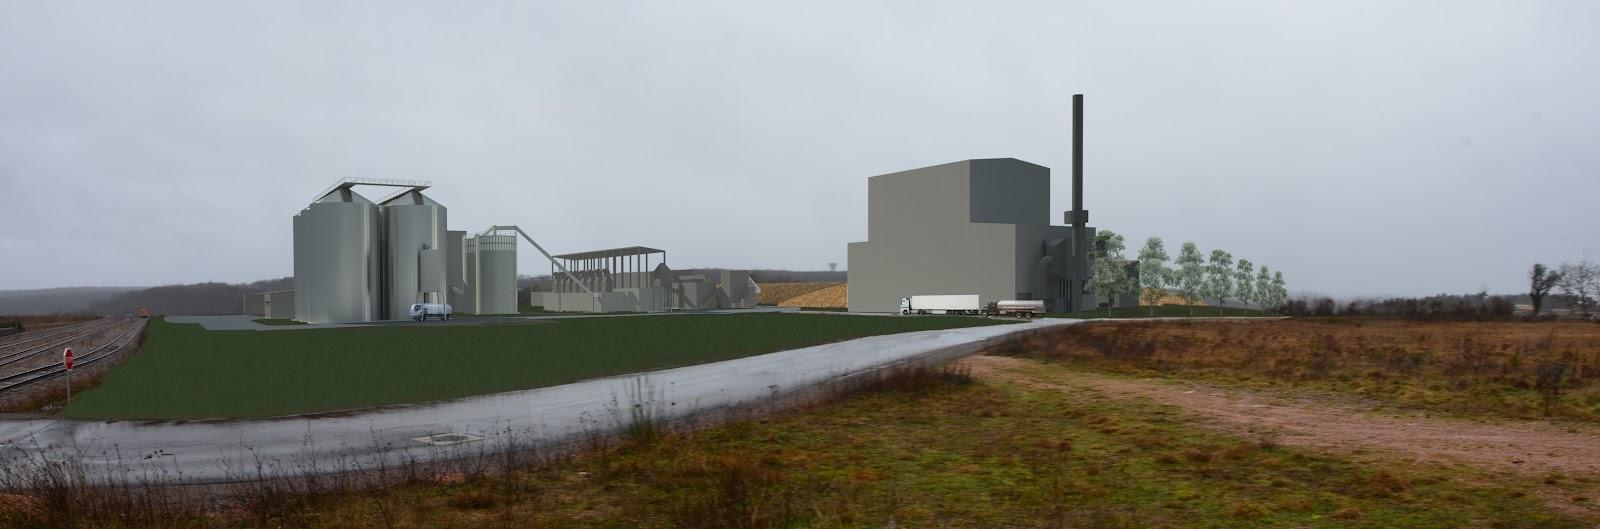 Chm architectes industrie br nil pellets et br nil for Piscine yssingeaux